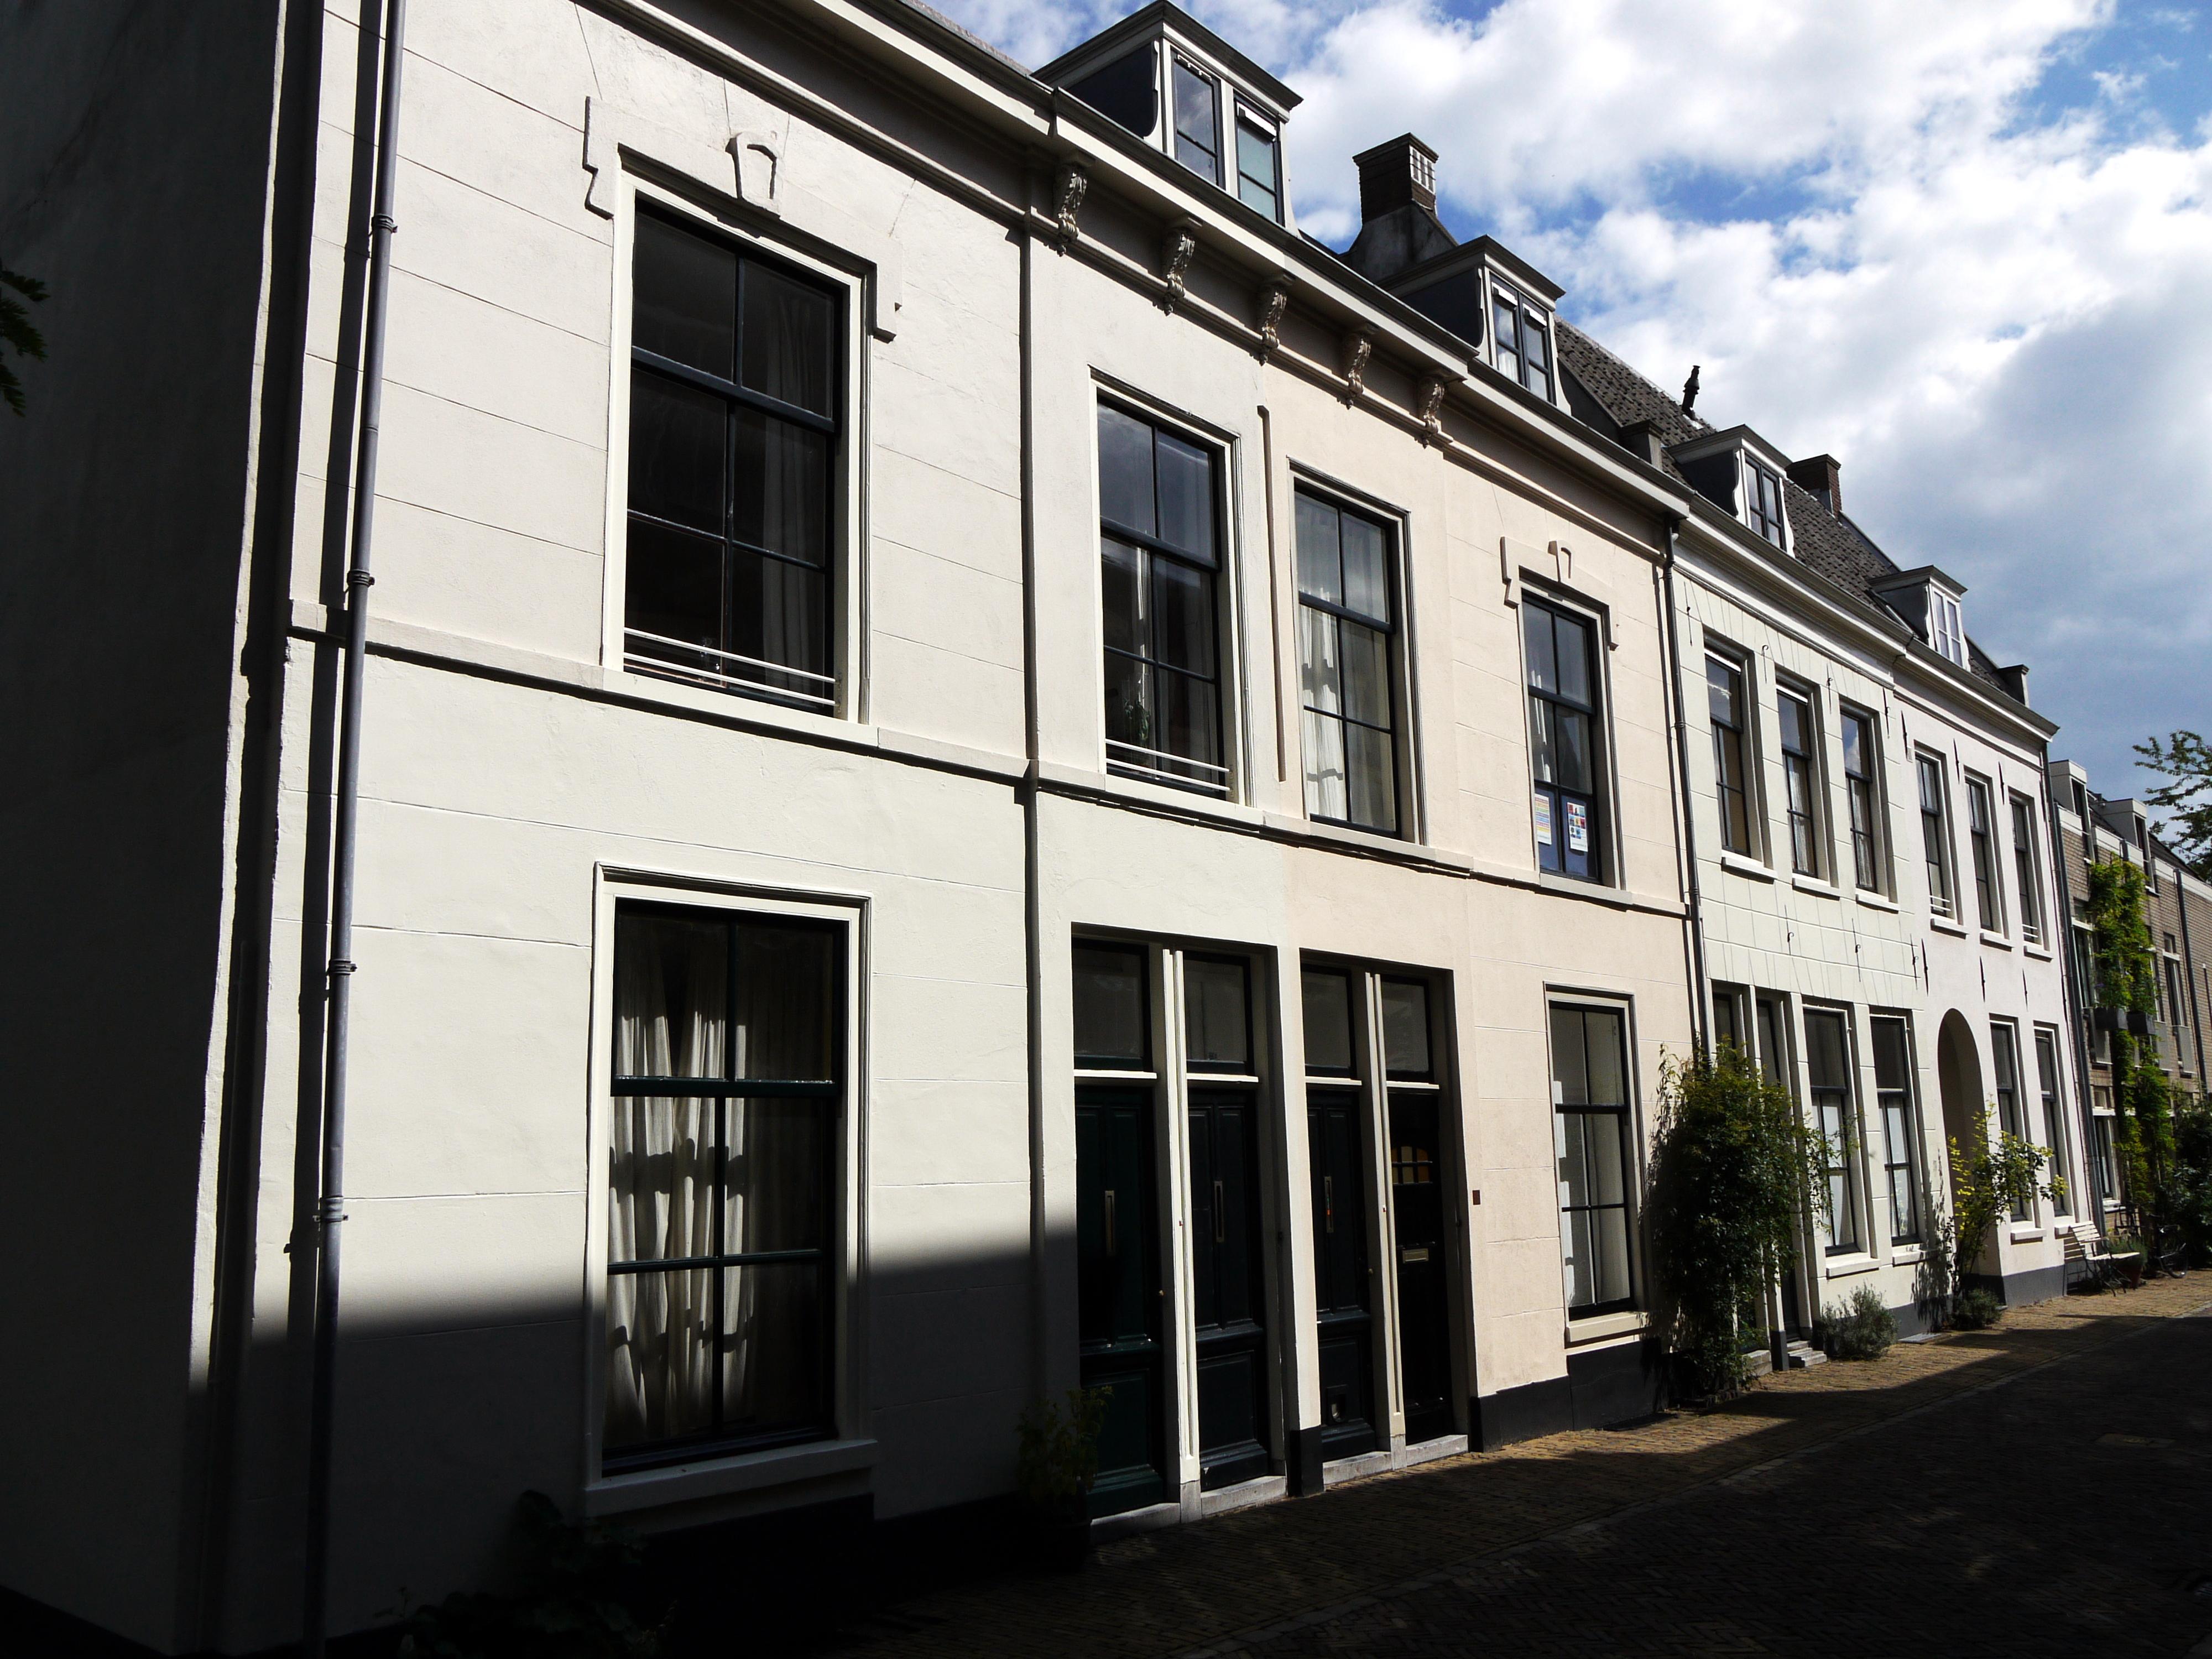 File:NieuweKamp.14-16.Utrecht.jpg